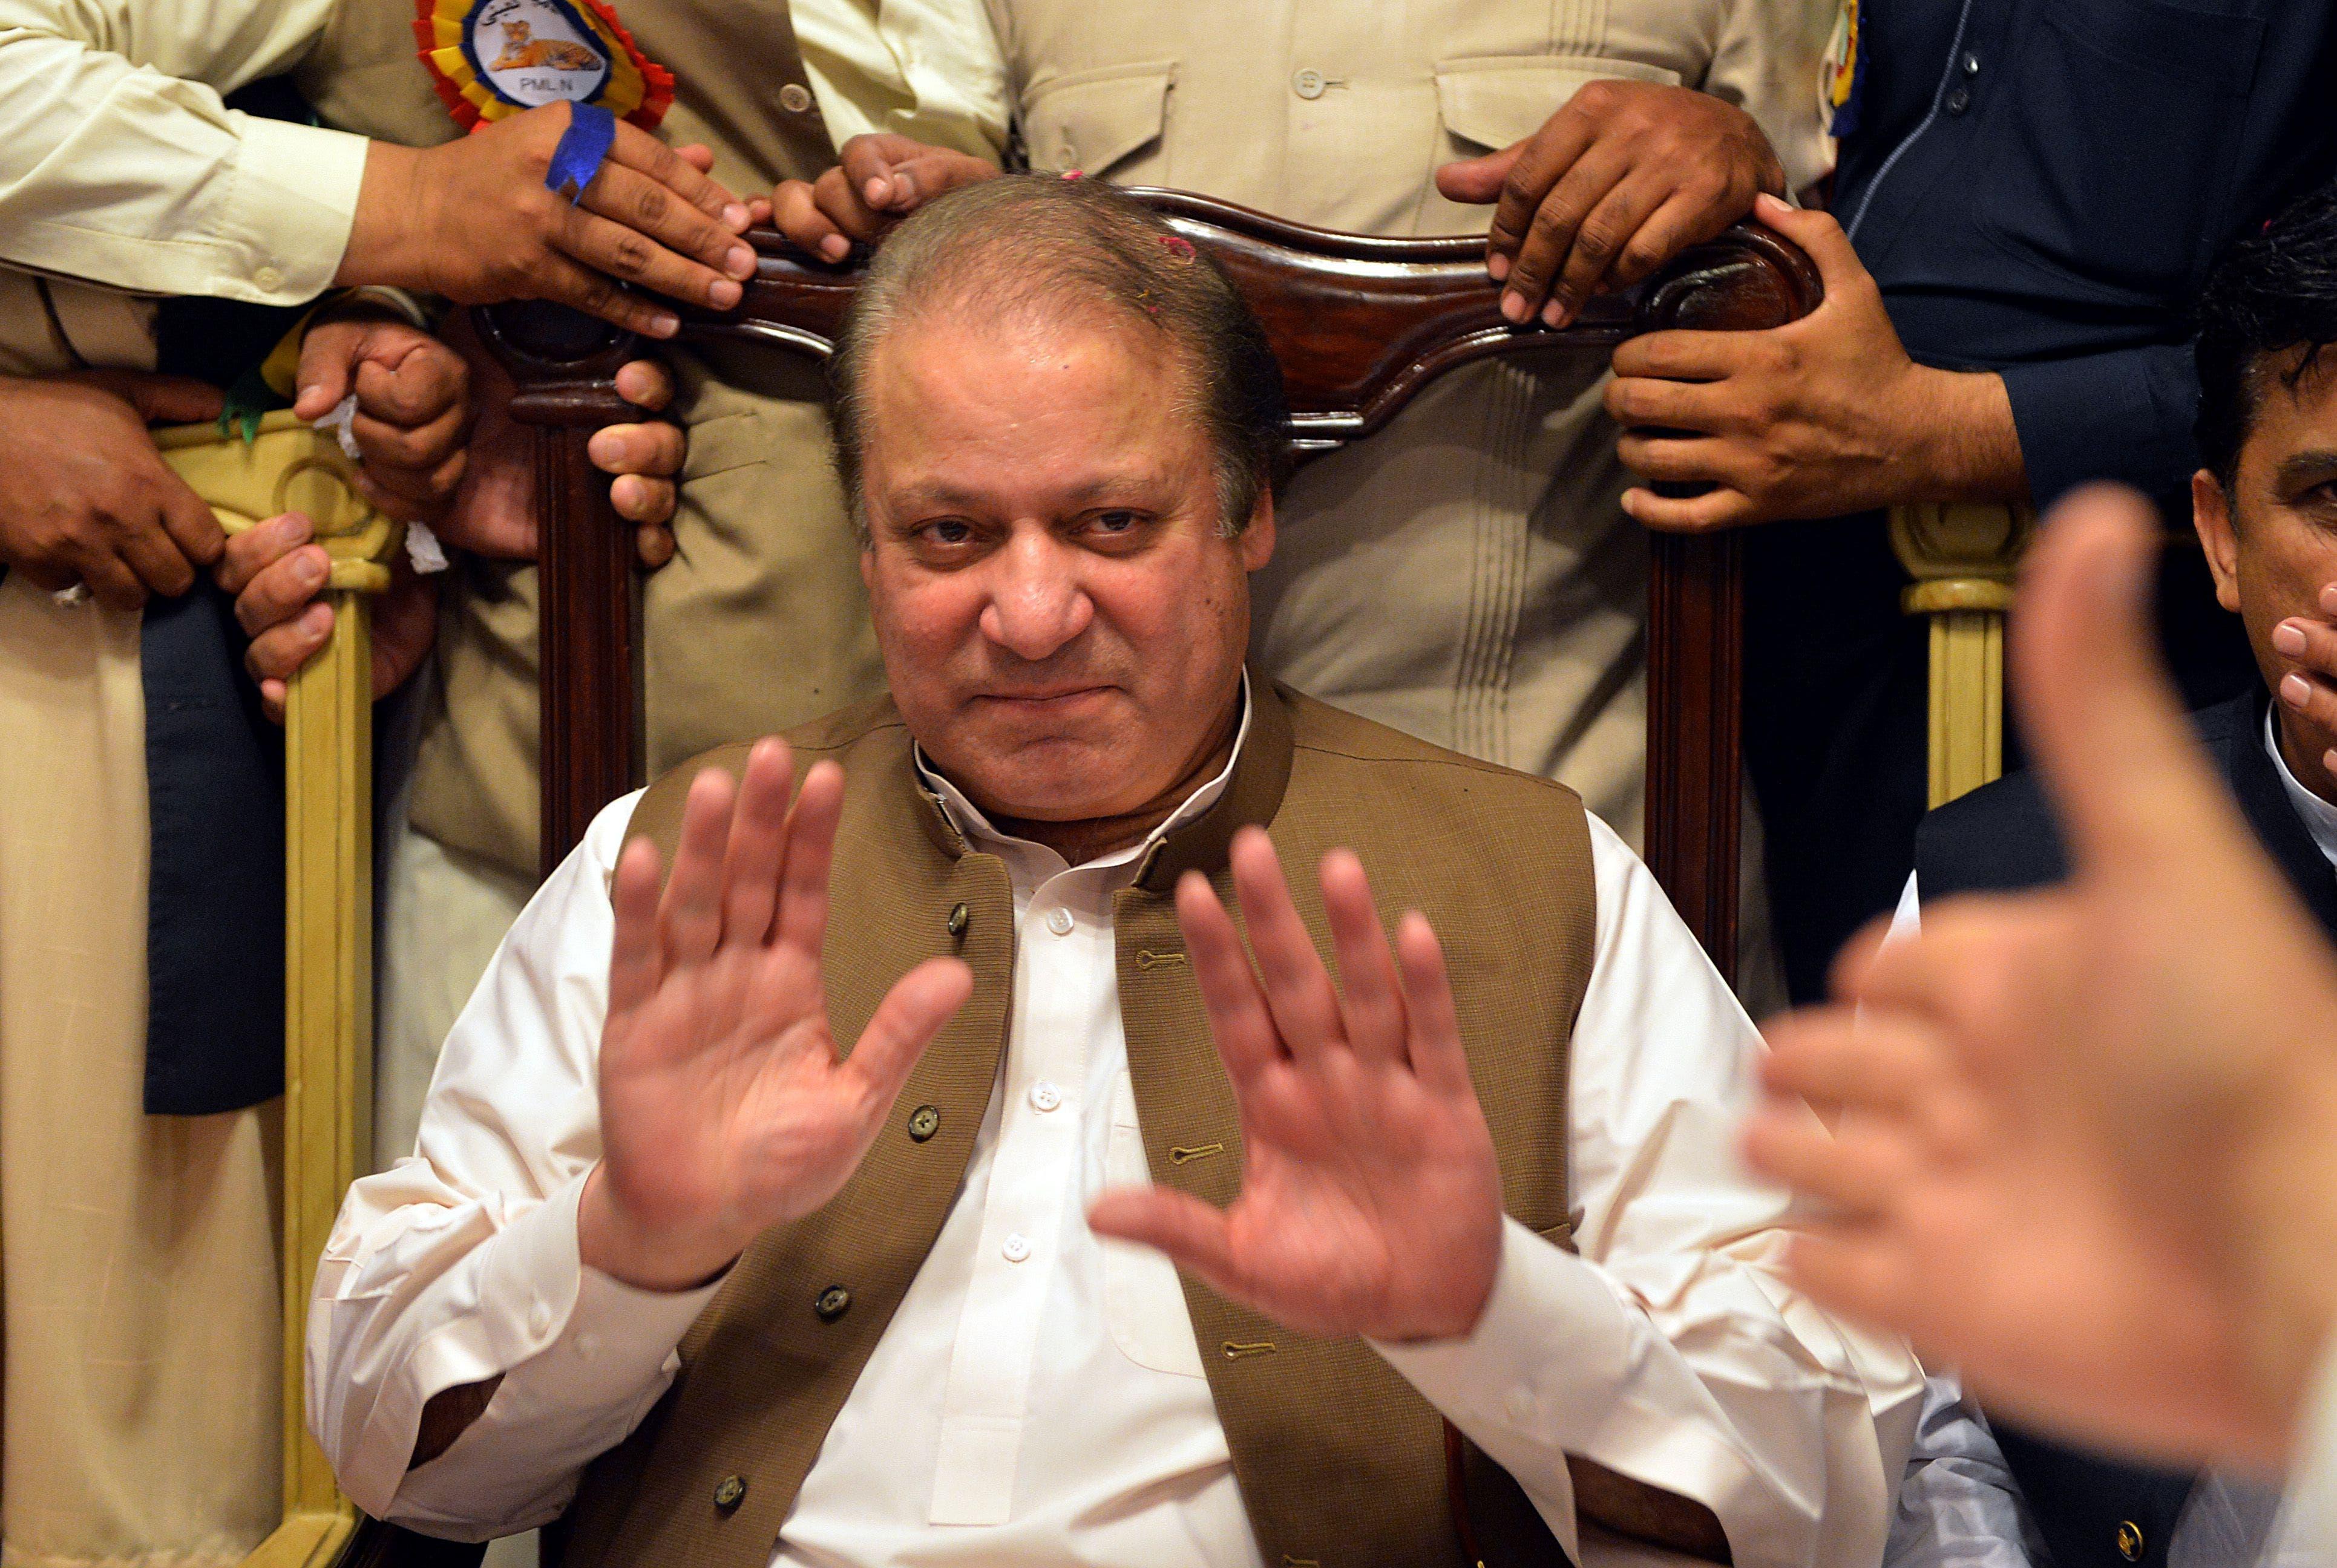 Esta es la segunda vez en la historia de Pakistán que un primer ministro en el cargo es destituido por intervención de la Corte Suprema.